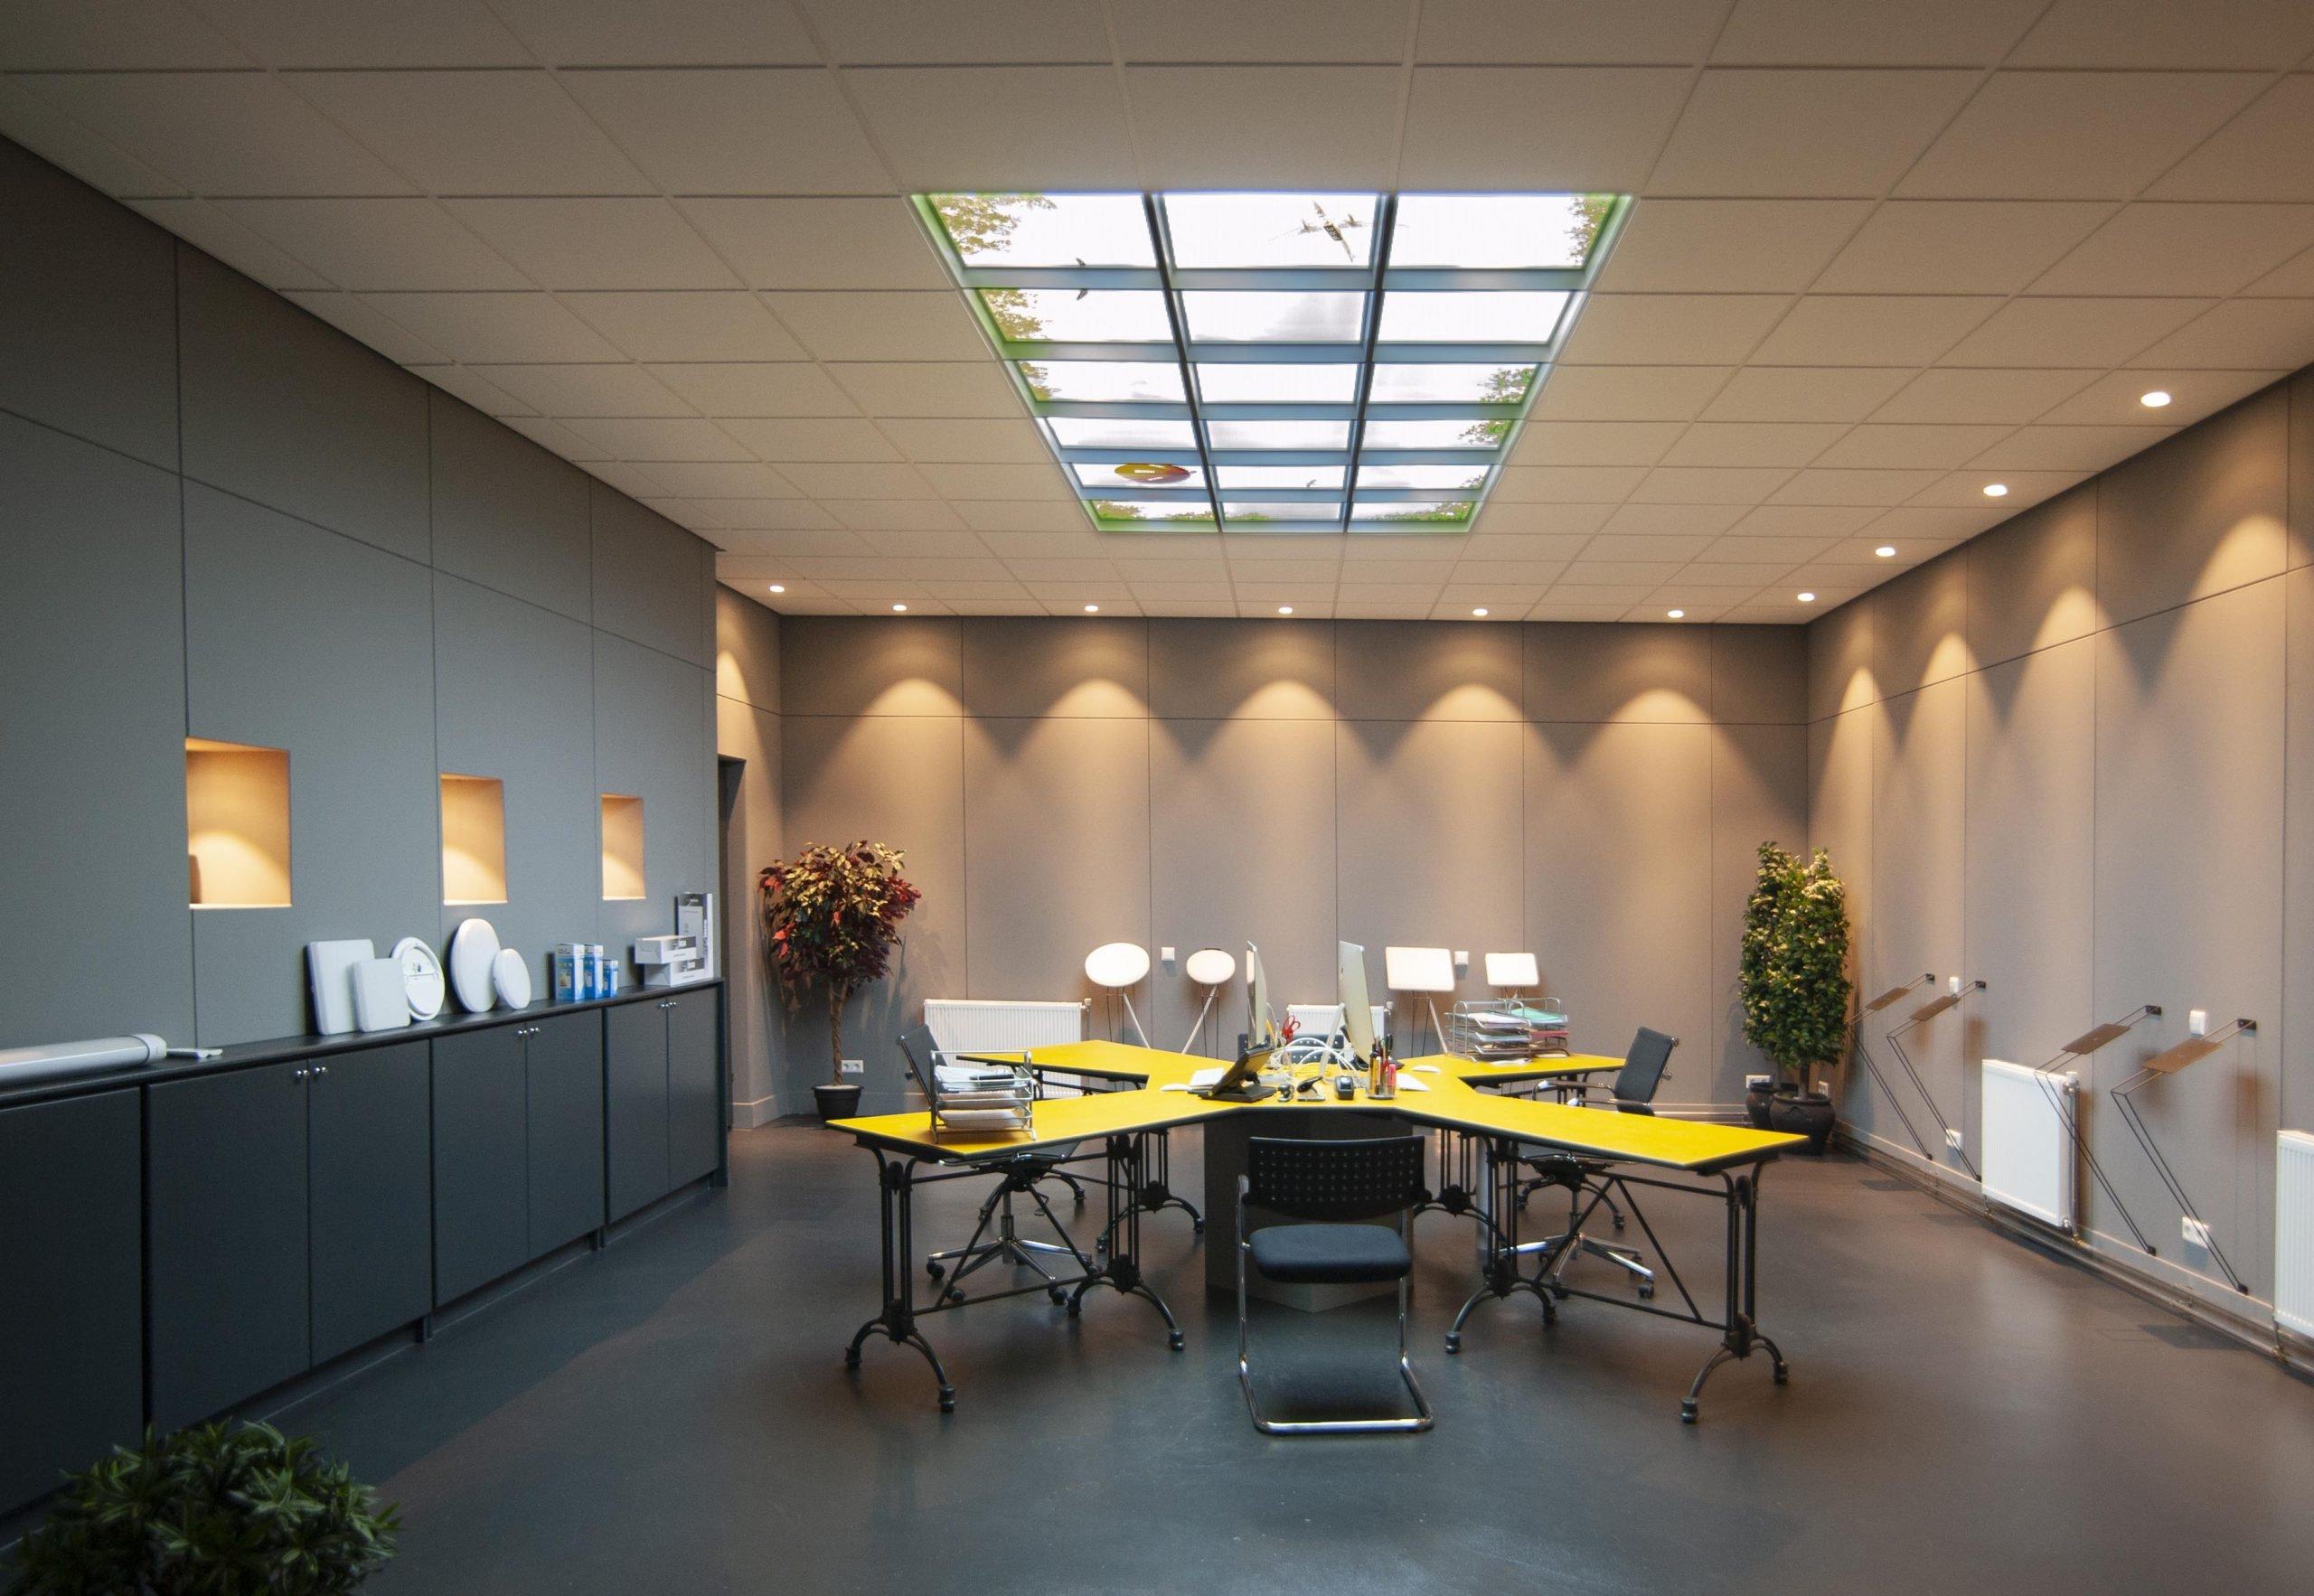 Pre-Lite is een familiebedrijf en gespecialiseerd in hoogwaardige, slimme en duurzame LED-verlichting voor een CO2-neutrale toekomst.